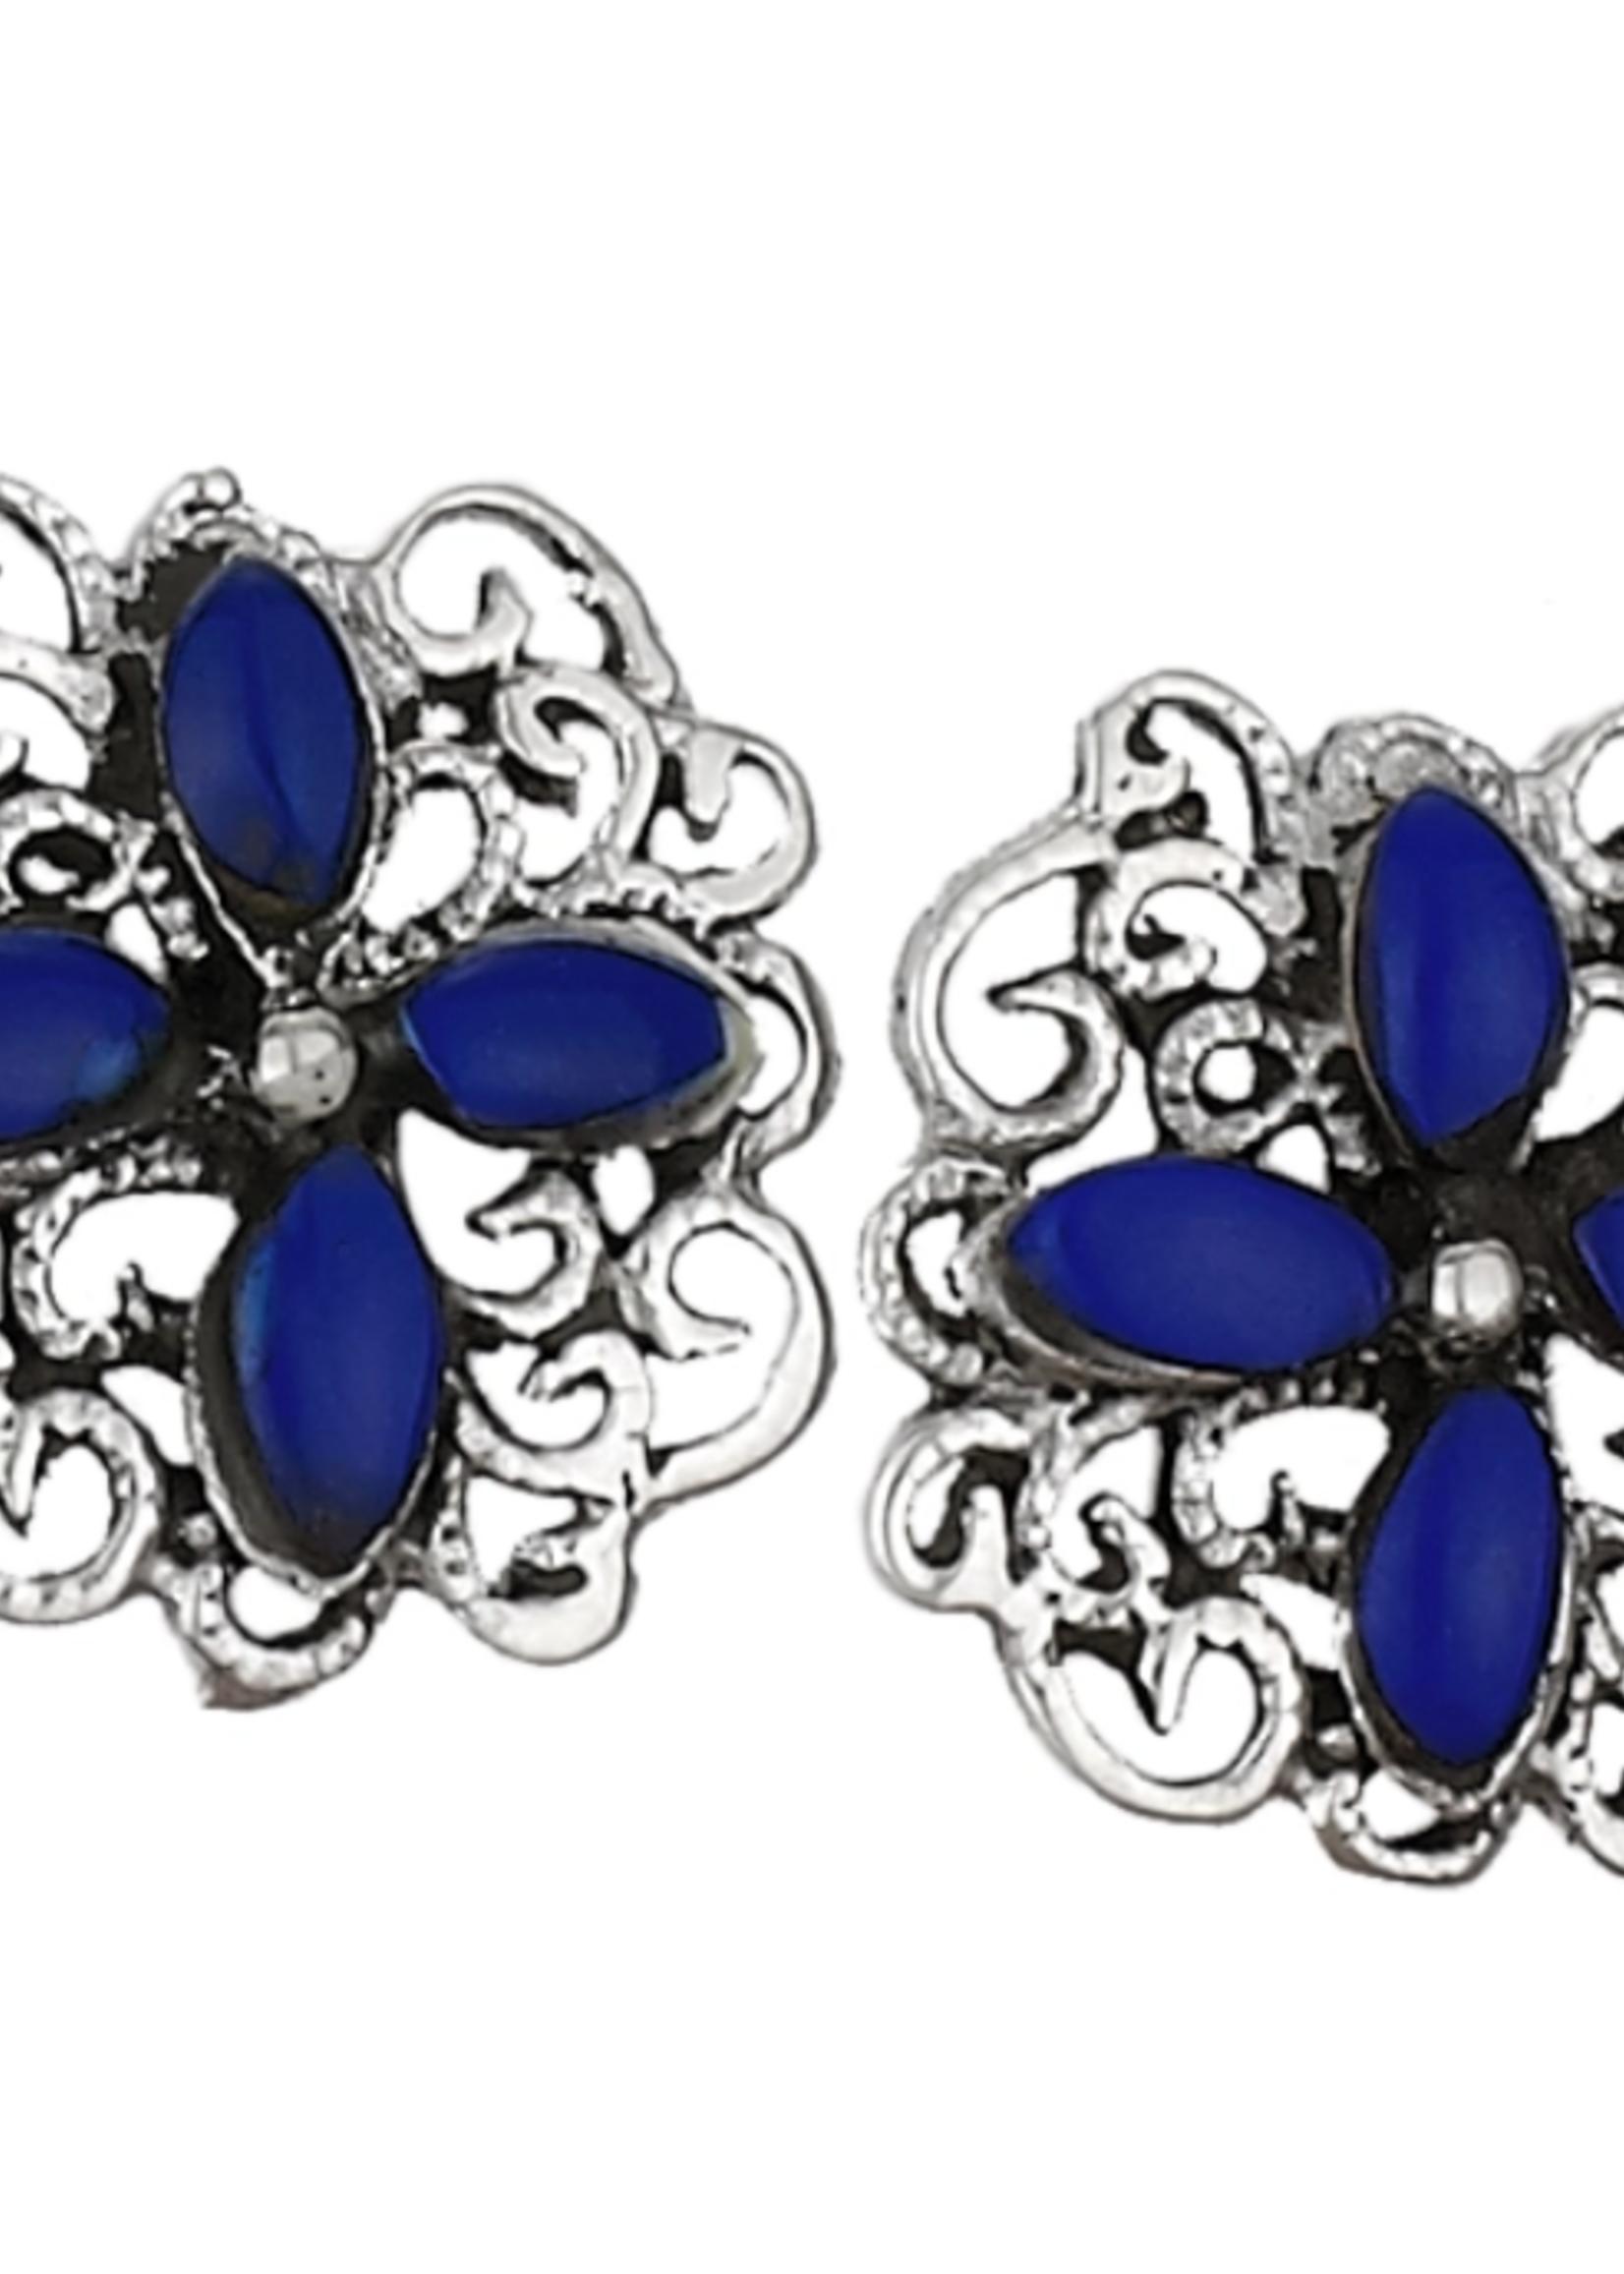 Earrings Lapis 4 Marquis Cabs Flower Stud